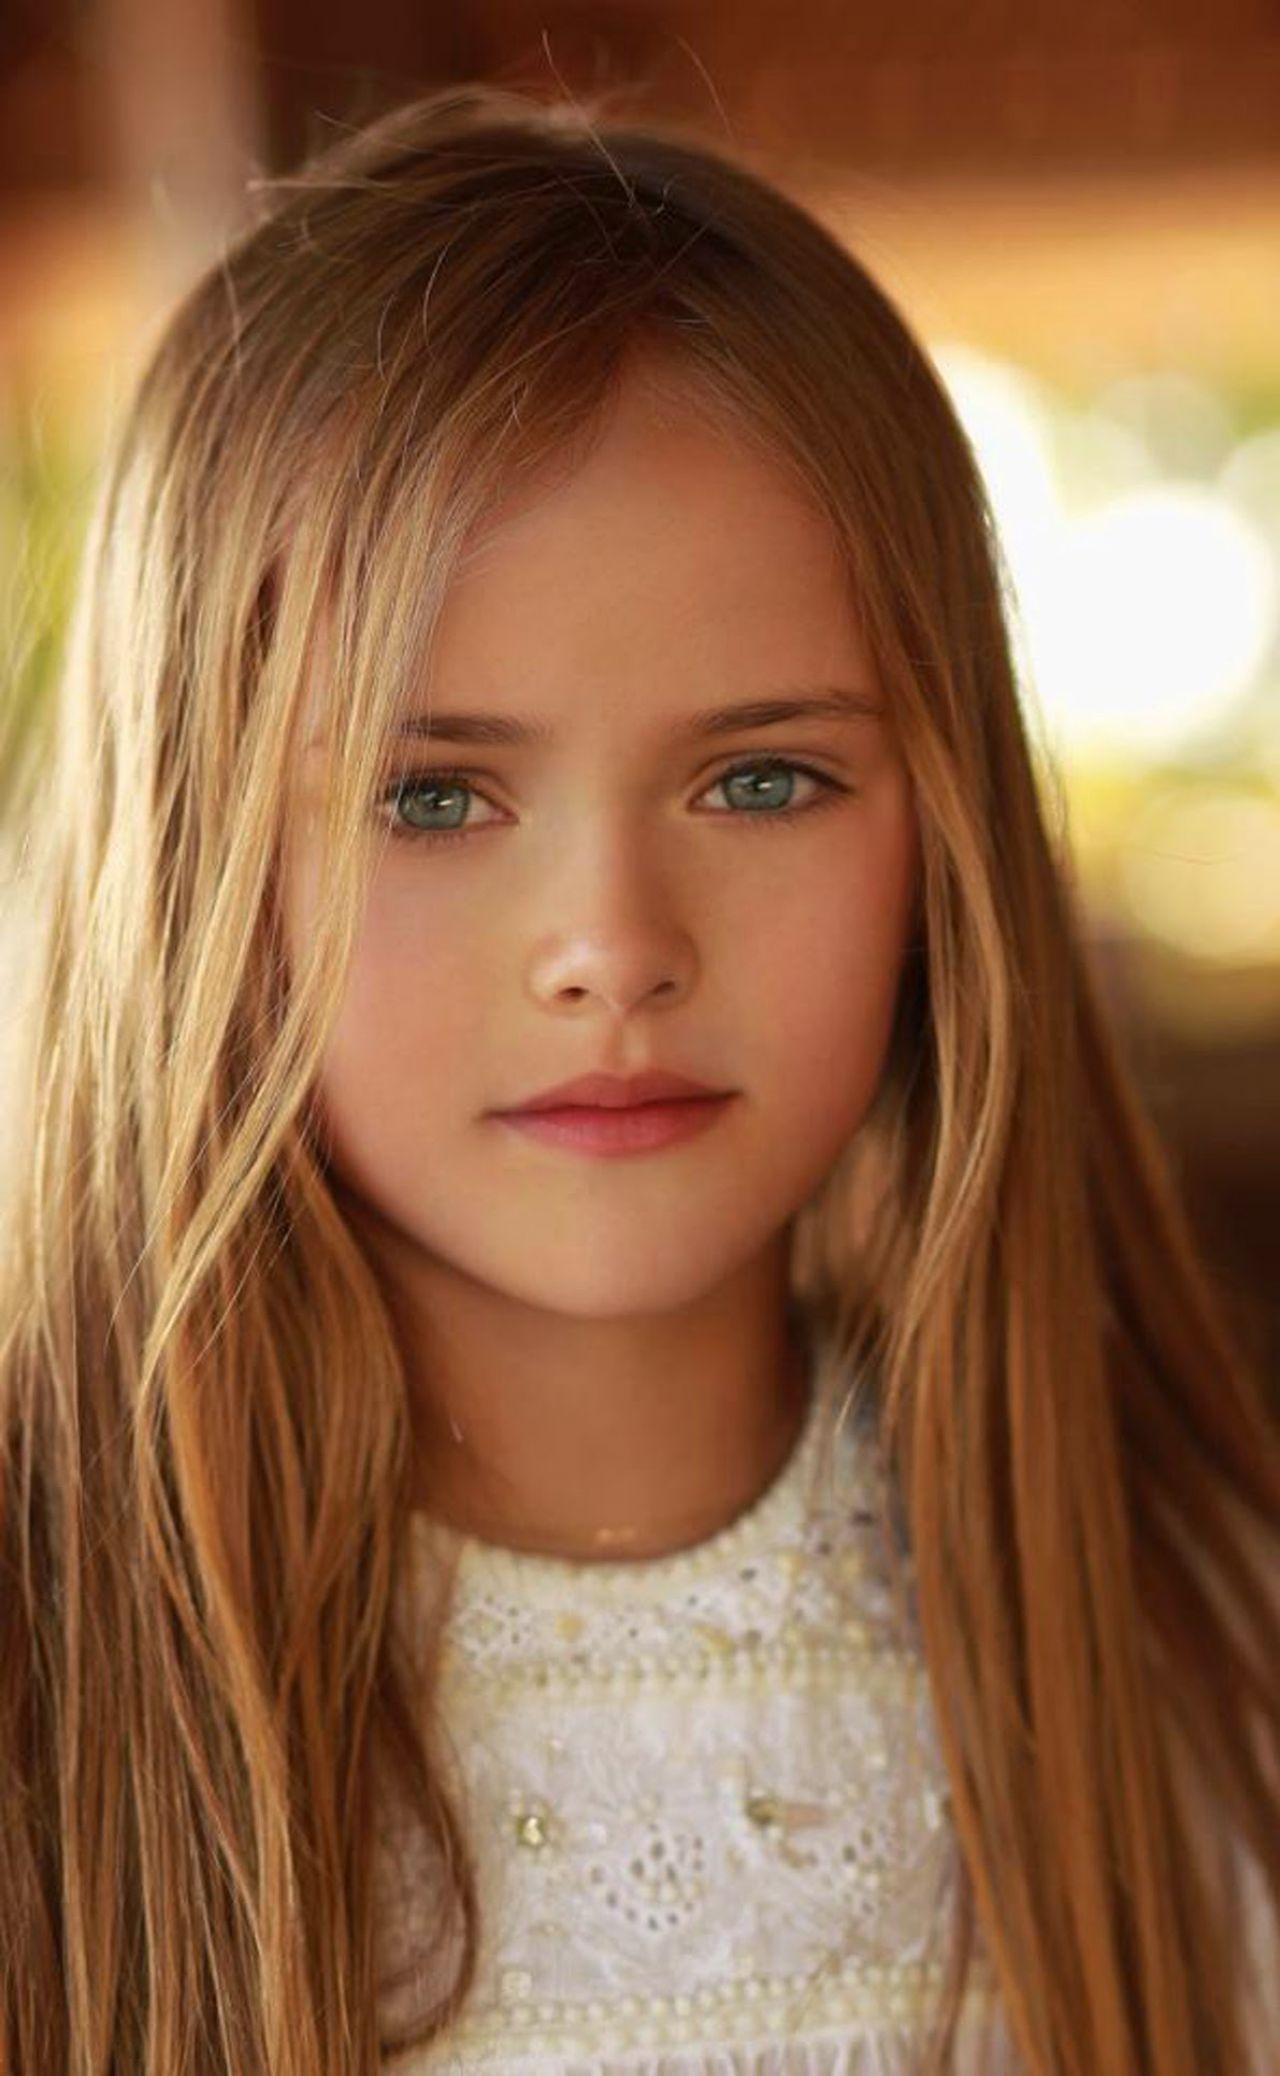 Kristina pimenova model girl